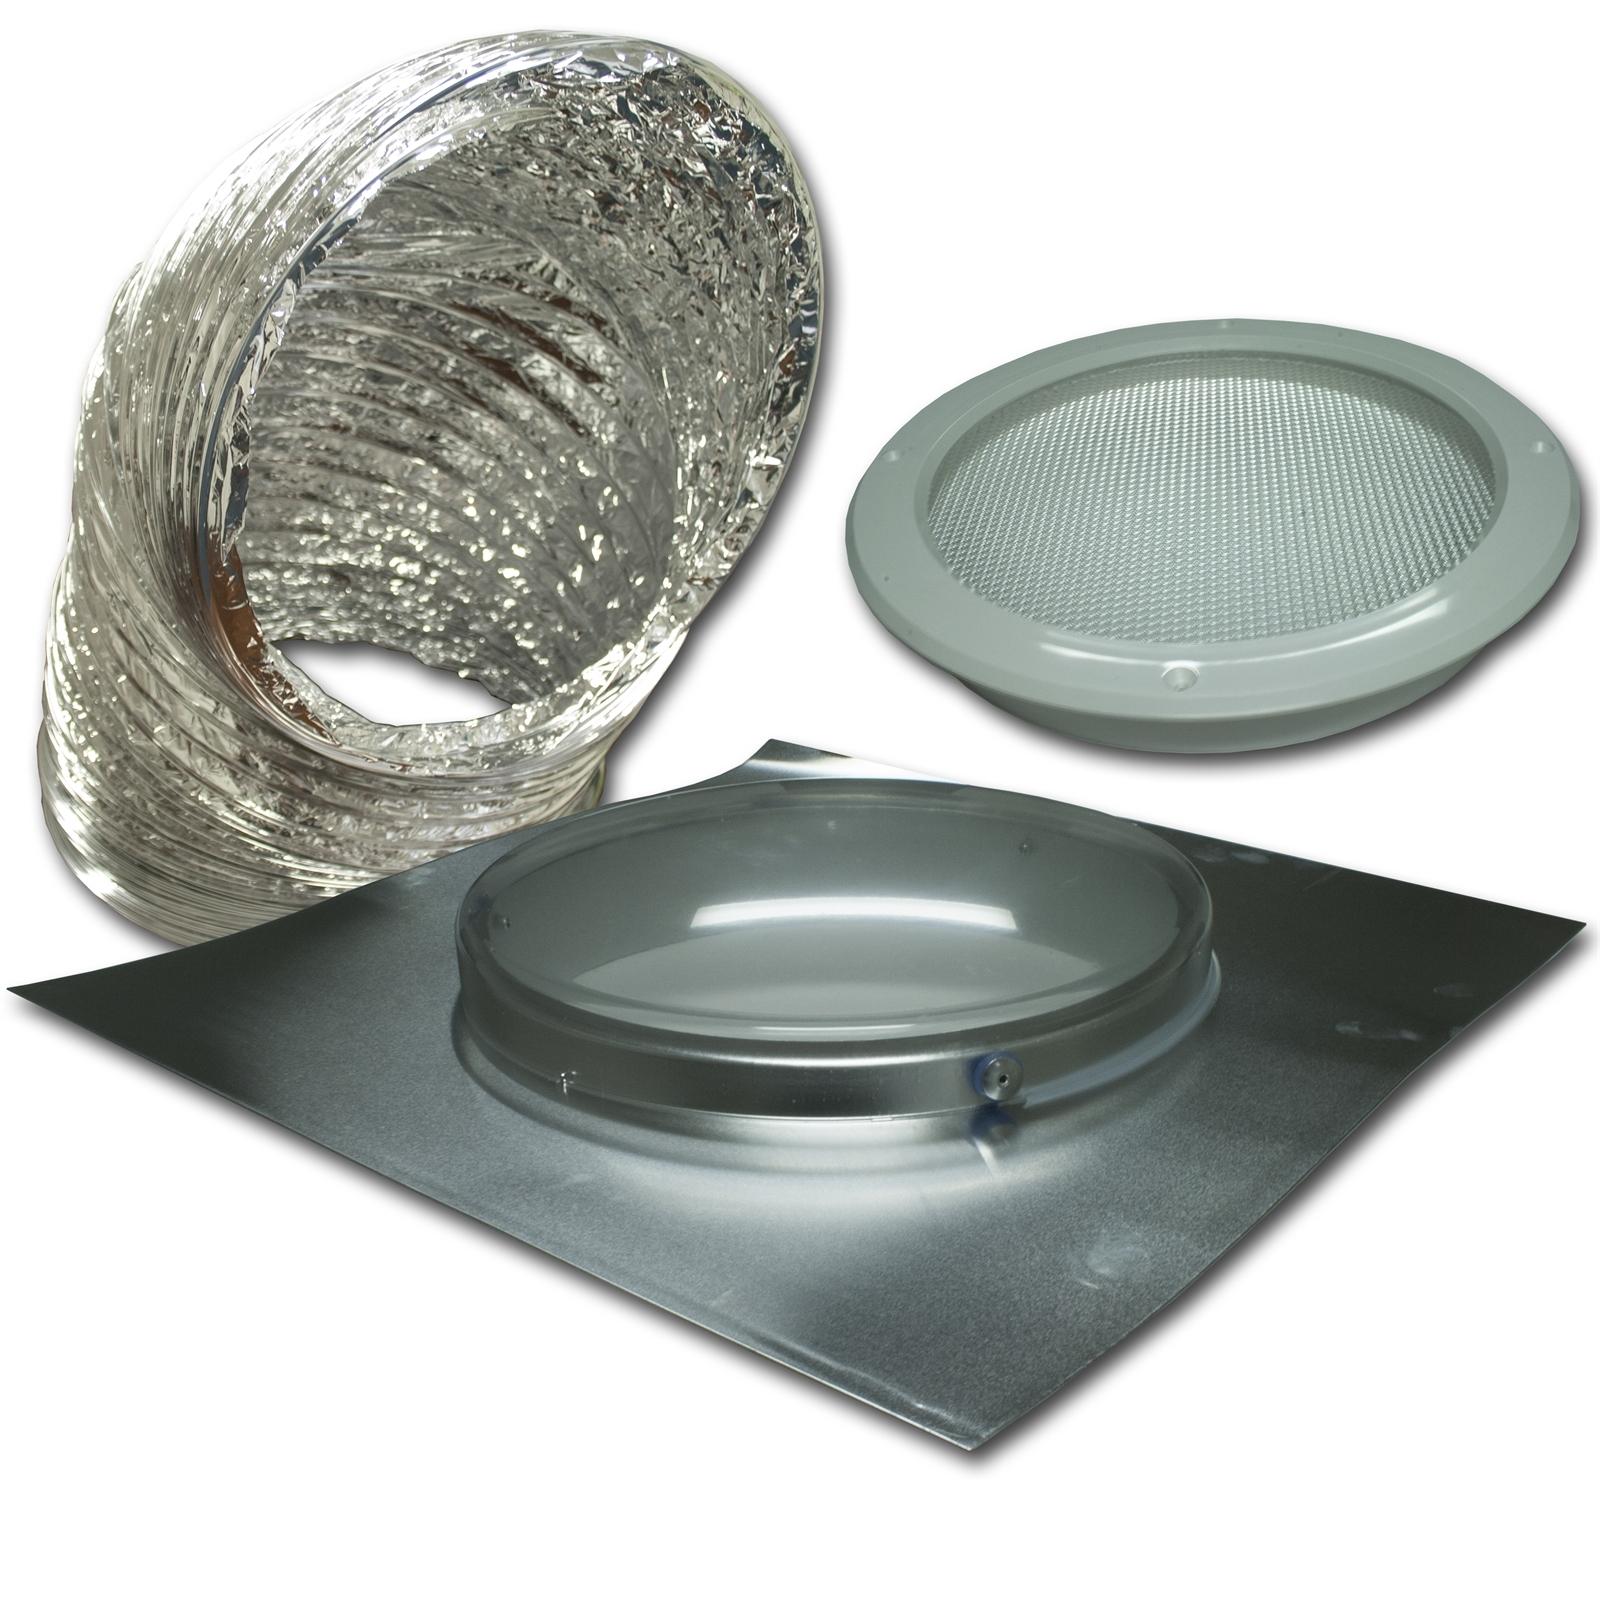 Ezylite 400mm Round Skylight Kit